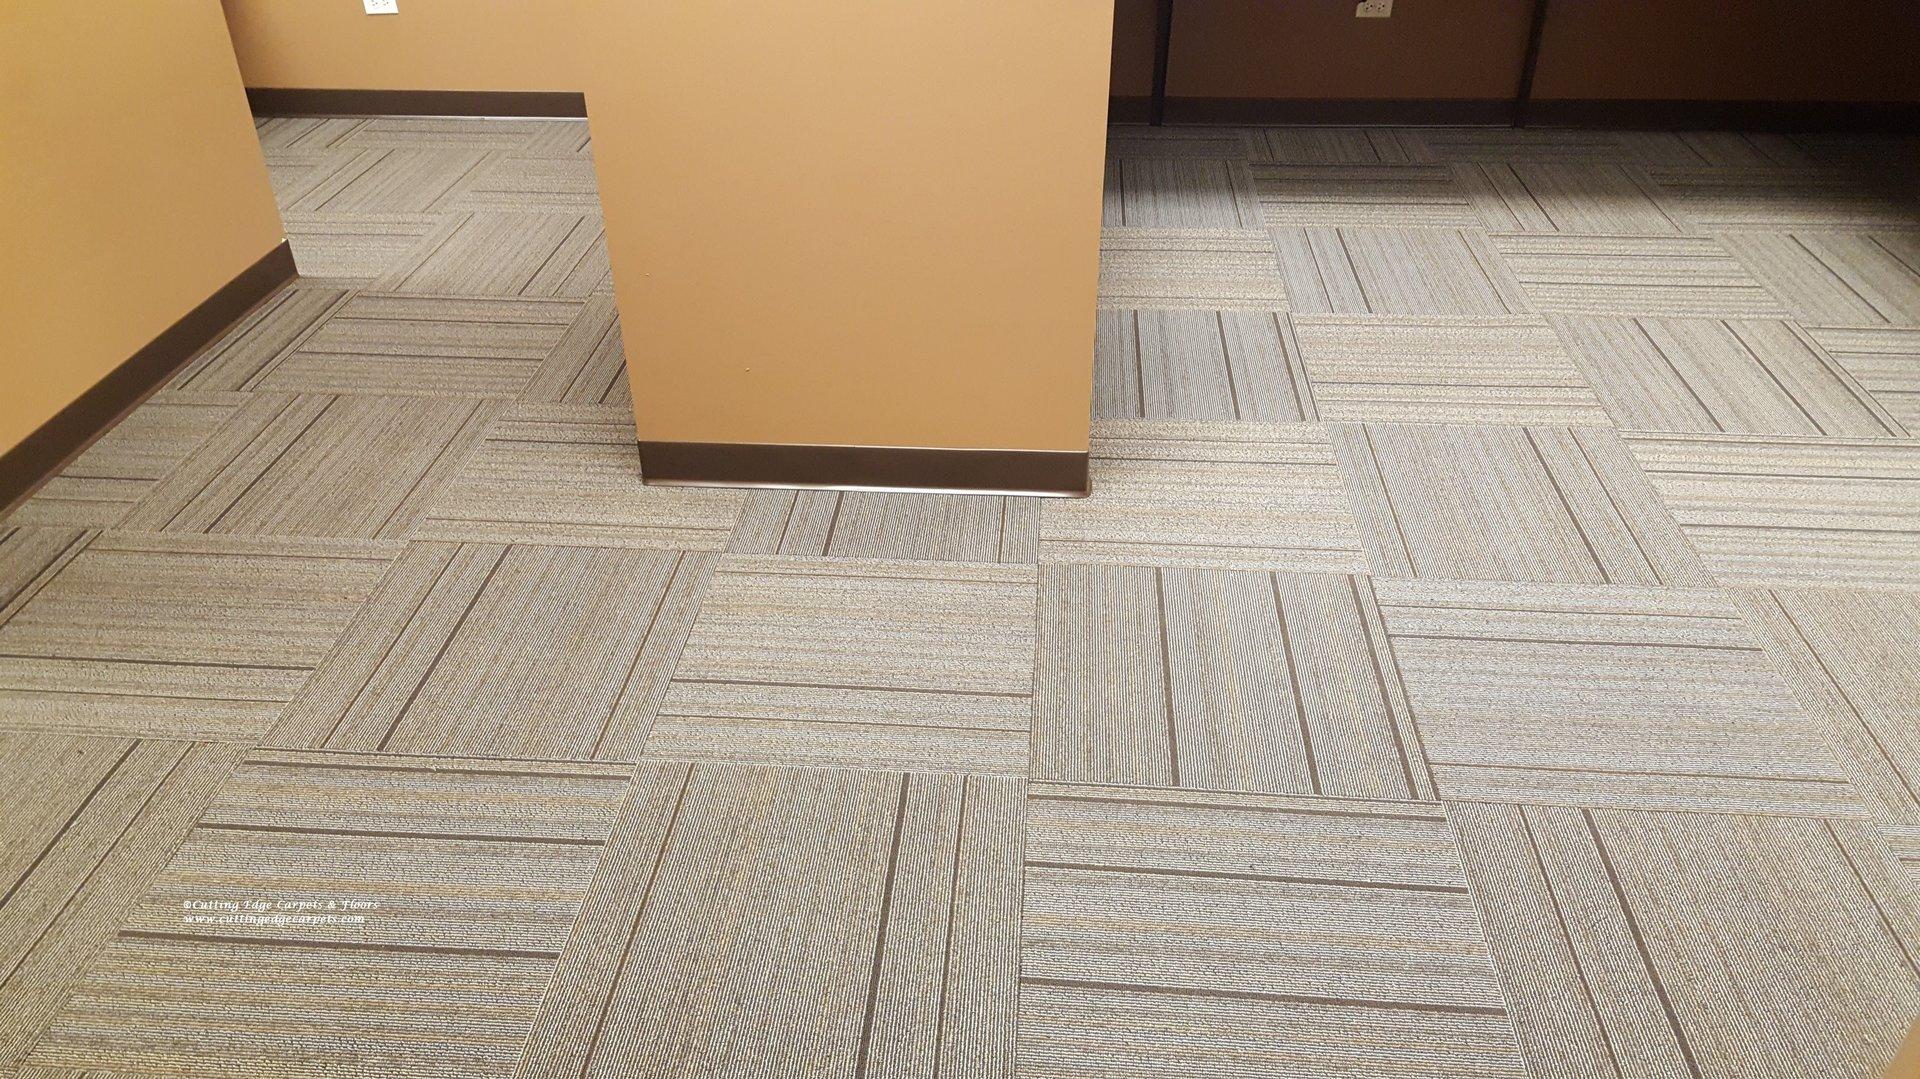 Cutting Edge Carpets Floors Flooring Crystal Lake IL - Cutting edge wood floors